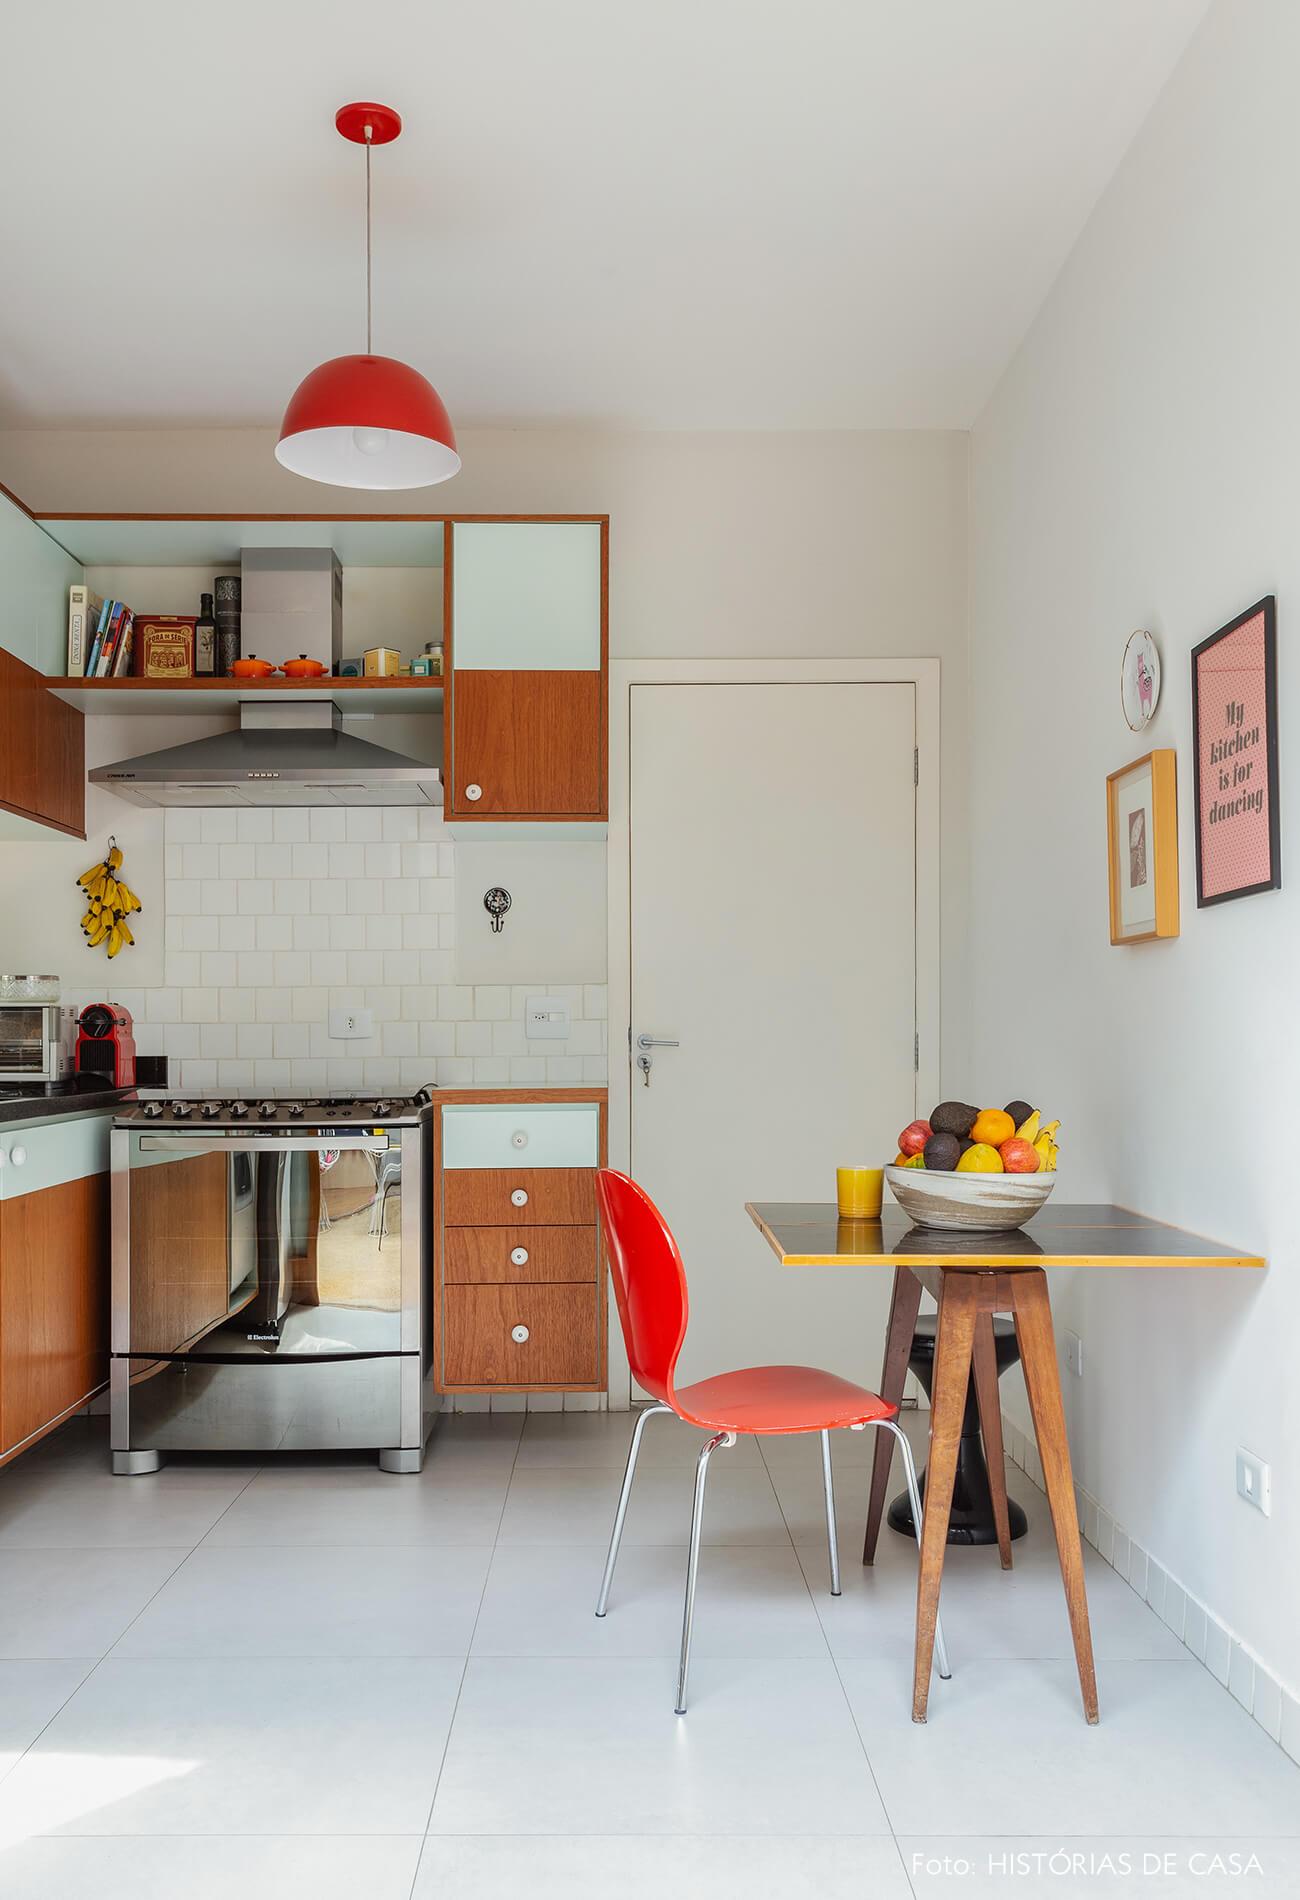 Cozinha com clima vintage e armários de madeira